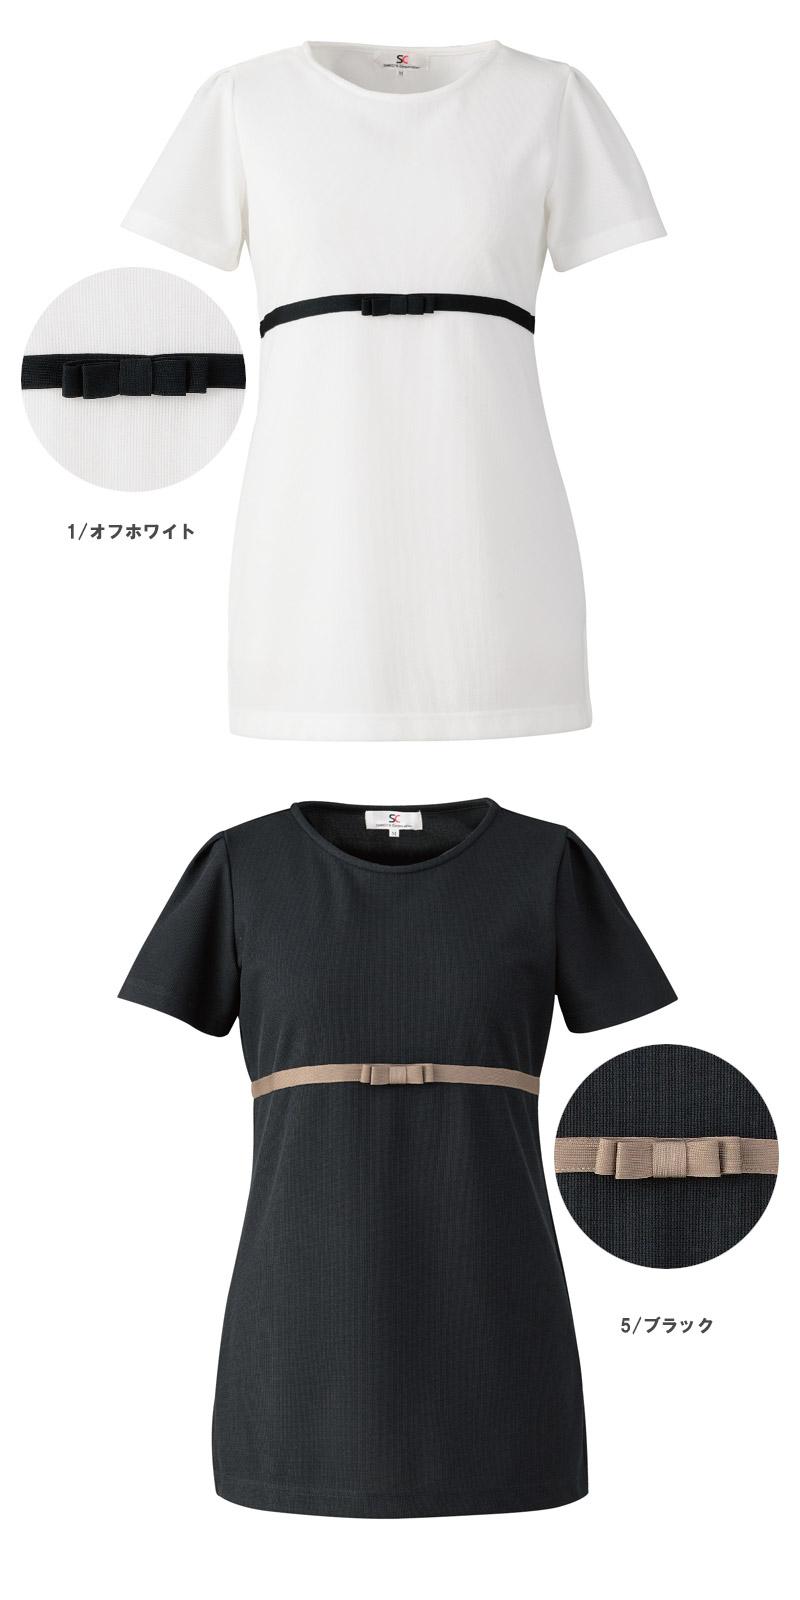 カットソー(胸リボンテープ付)